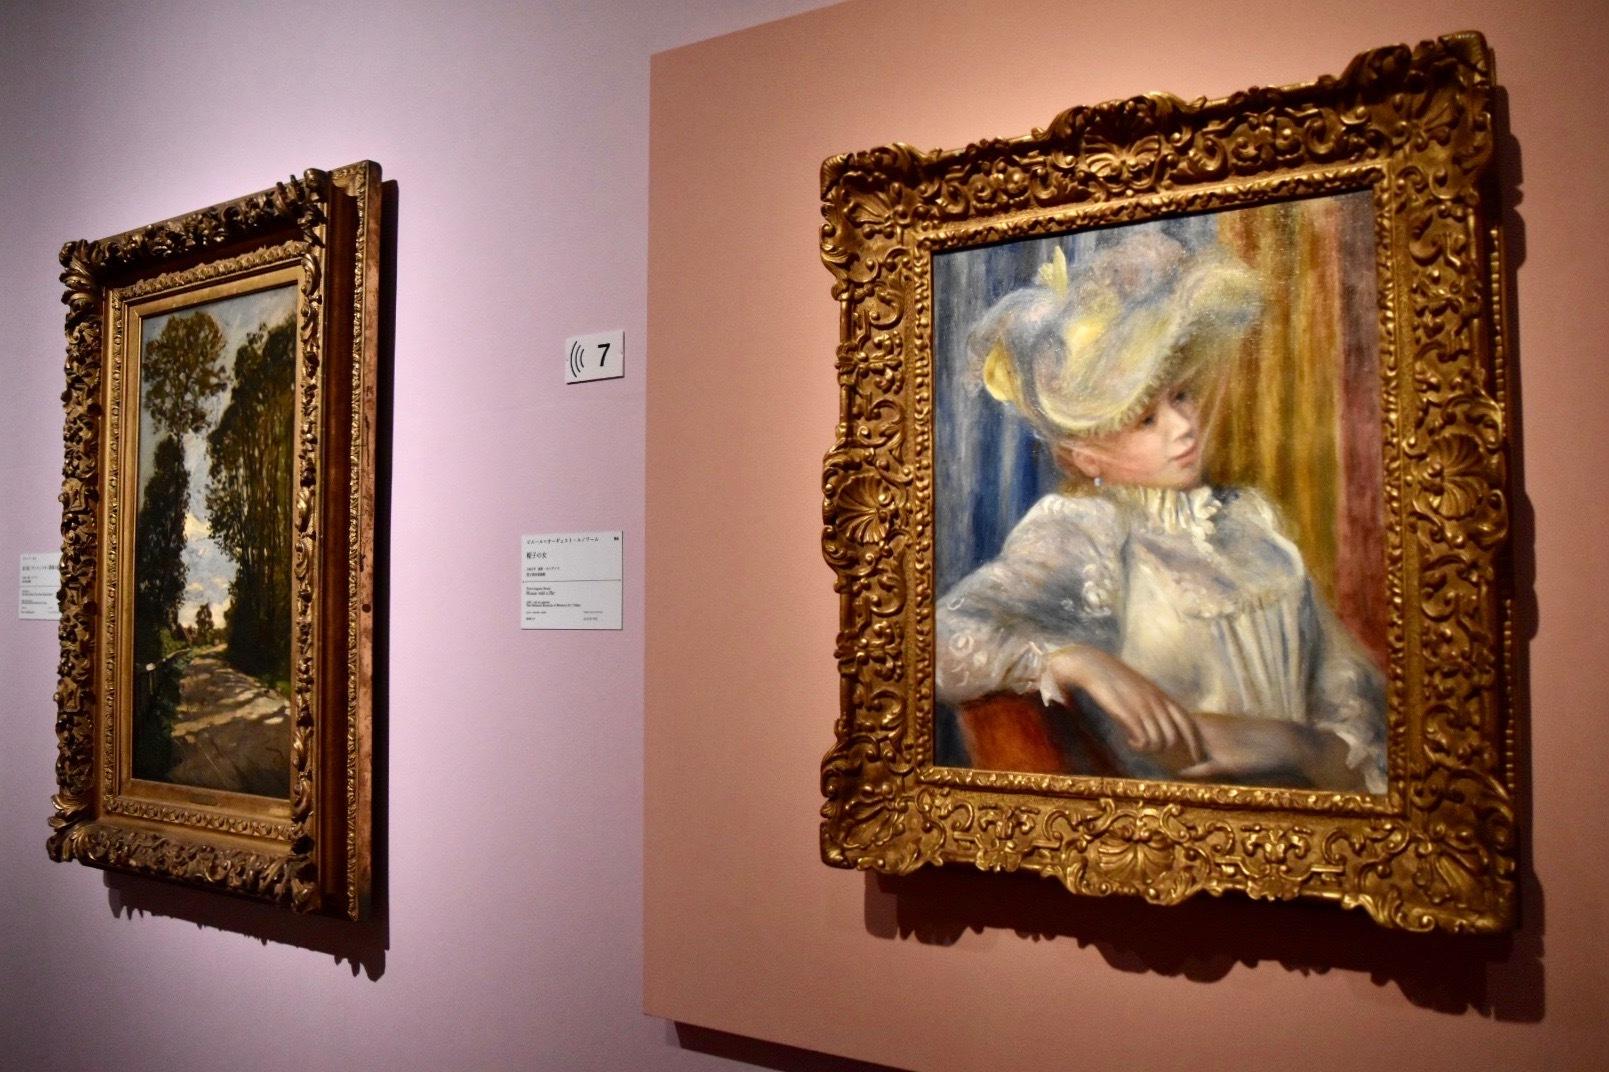 右:ピエール=オーギュスト・ルノワール 《帽子の女》 1891年 国立西洋美術館蔵 左奥:クロード・モネ 《並木道(サン=シオメン農場の道)》 1864年 国立西洋美術館蔵